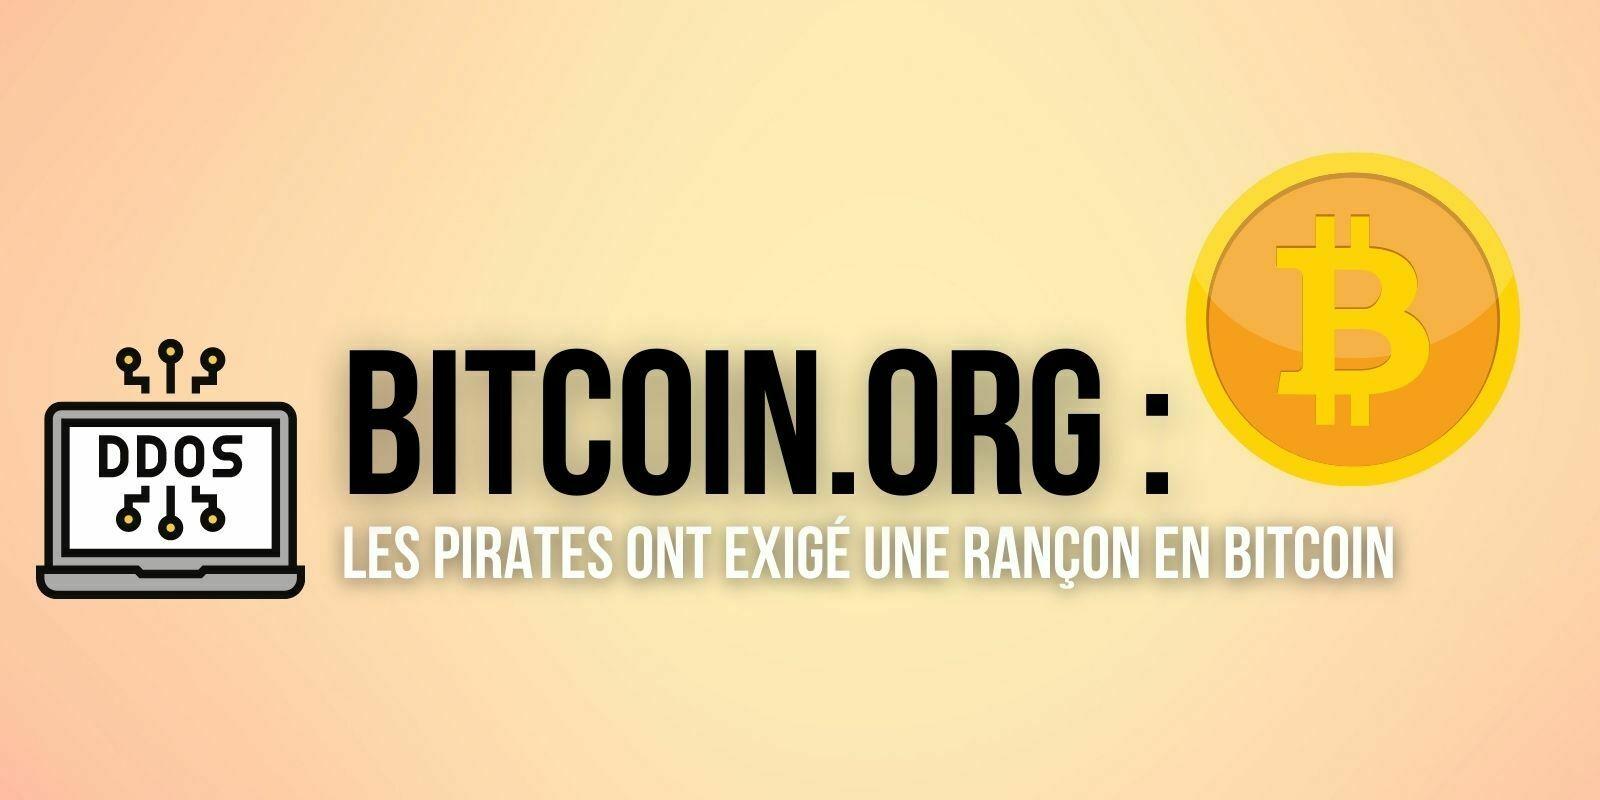 Bitcoin.org a été victime d'une cyberattaque, les pirates réclamaient 14 000€ en Bitcoin (BTC)